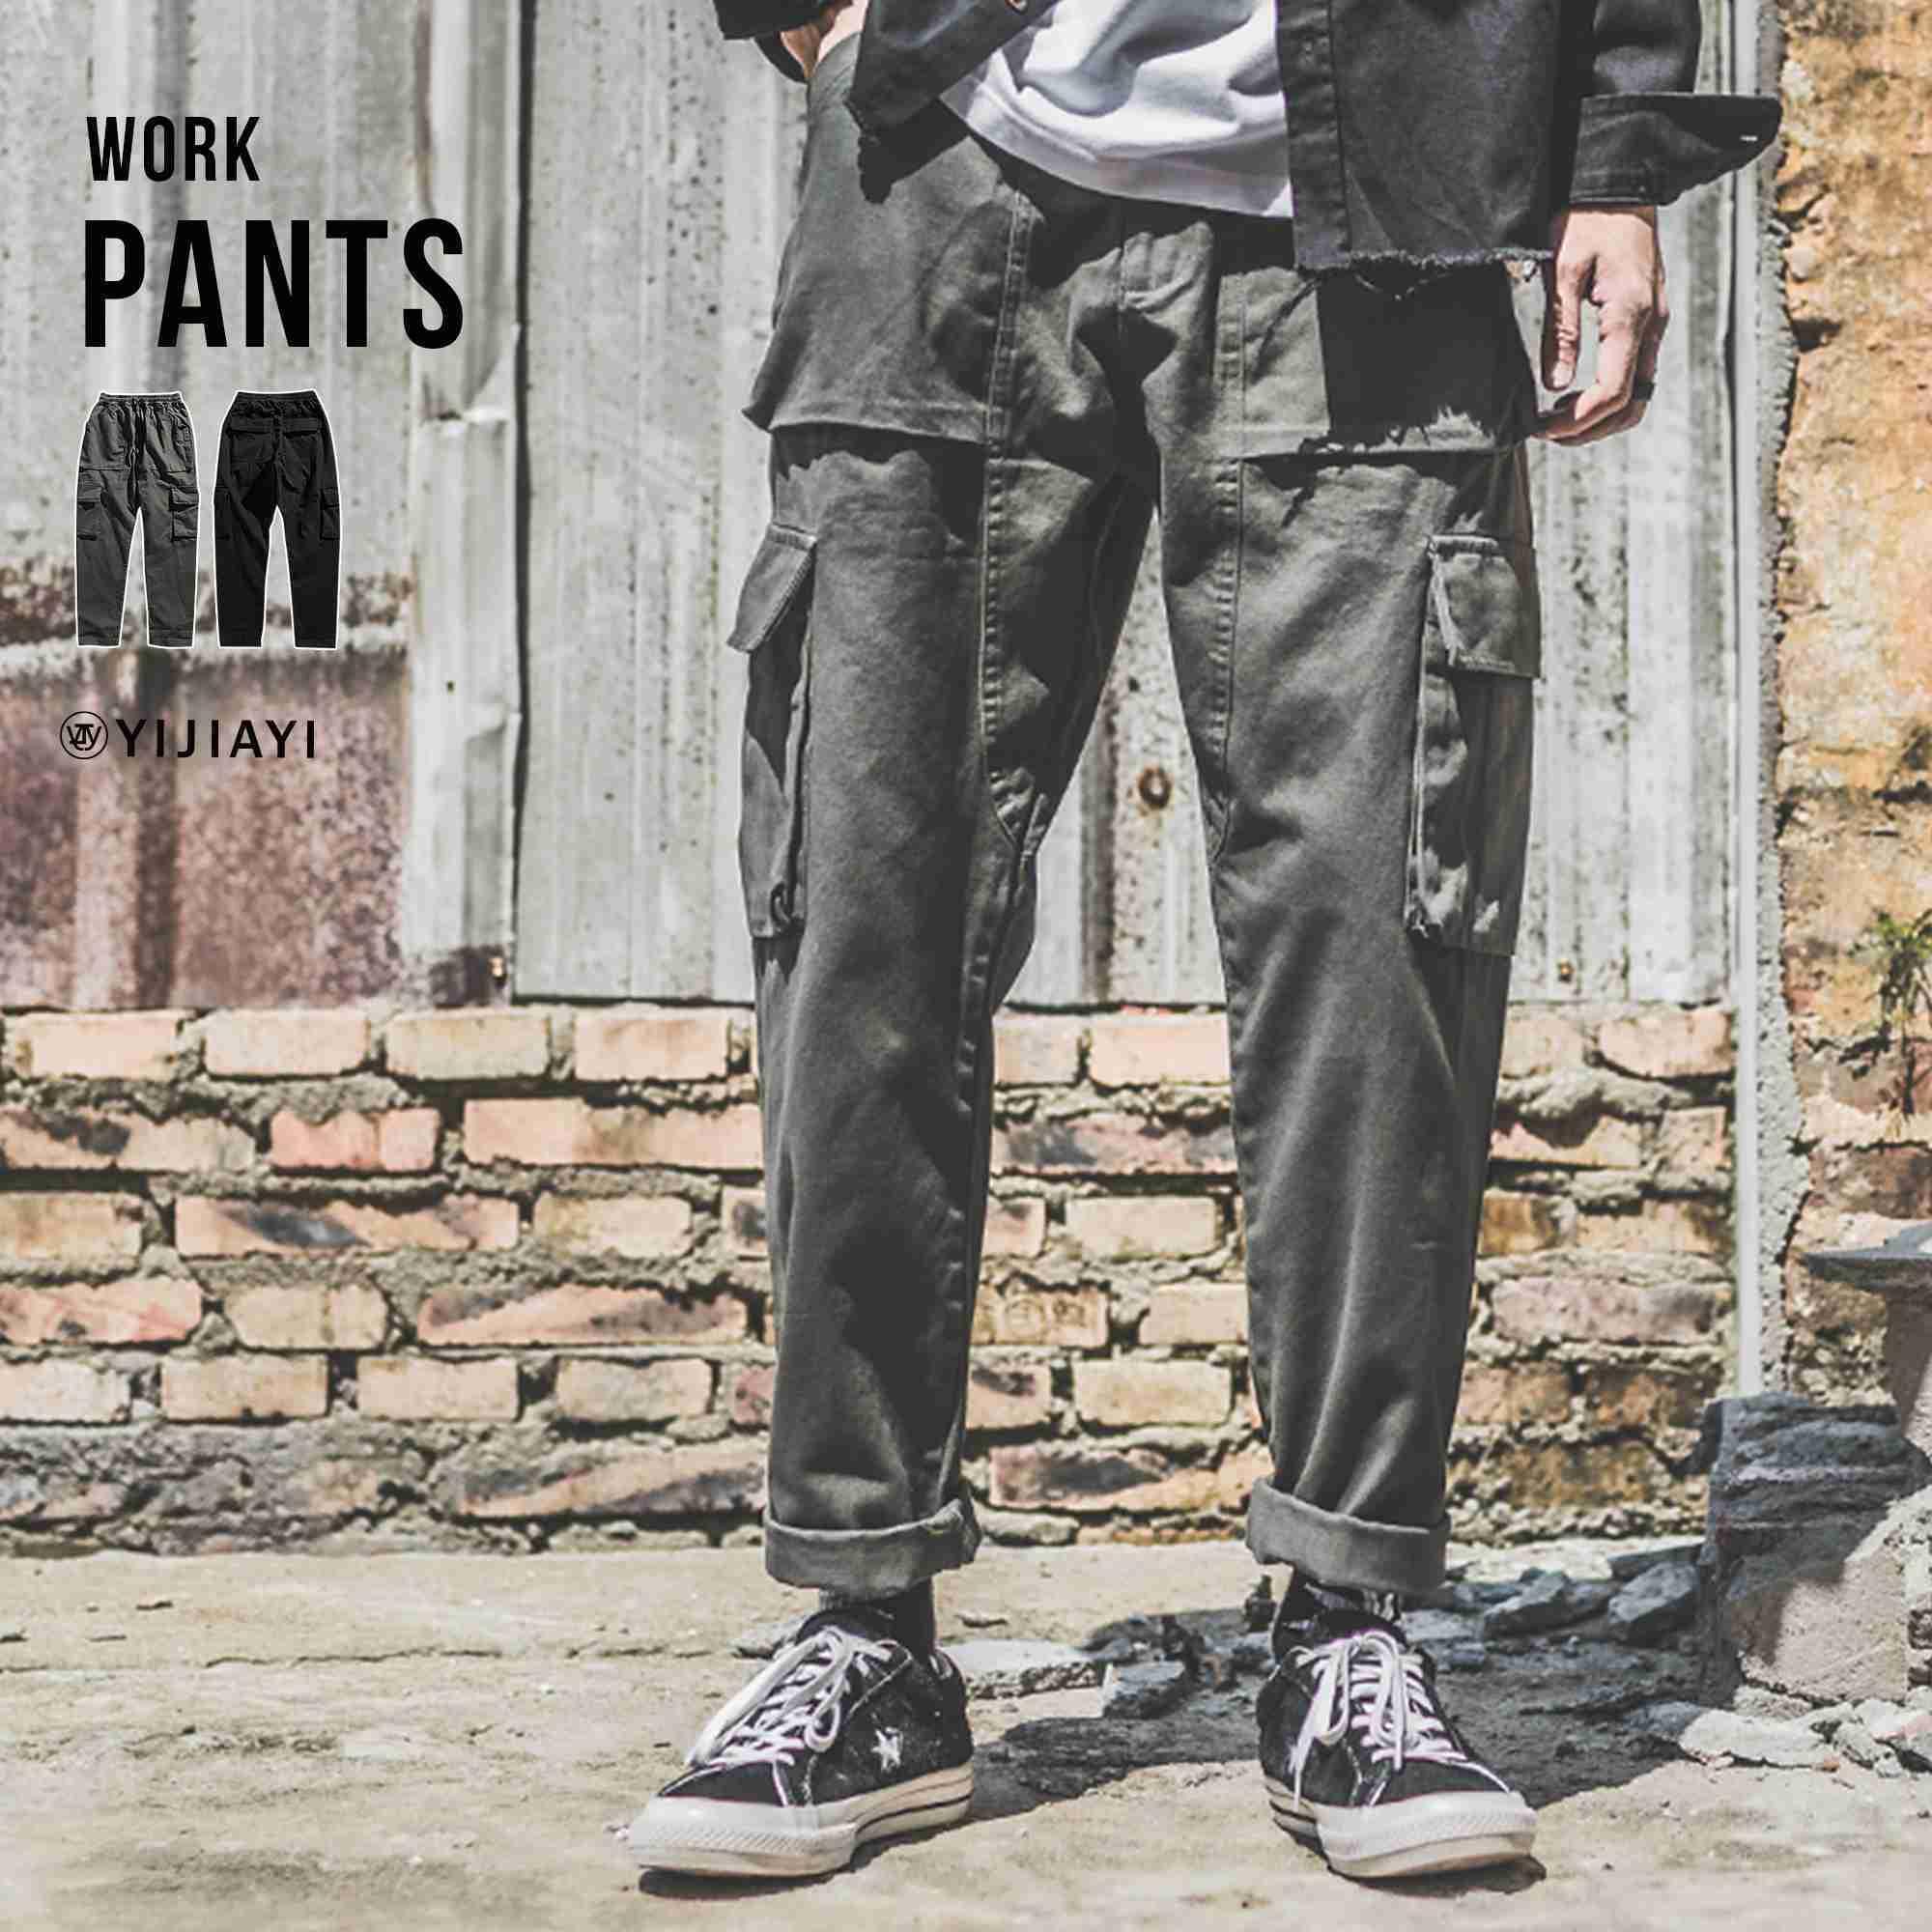 【YIJIAYI】【現貨】工作褲 休閒 反摺 大口袋 直筒 寬版 (0612)